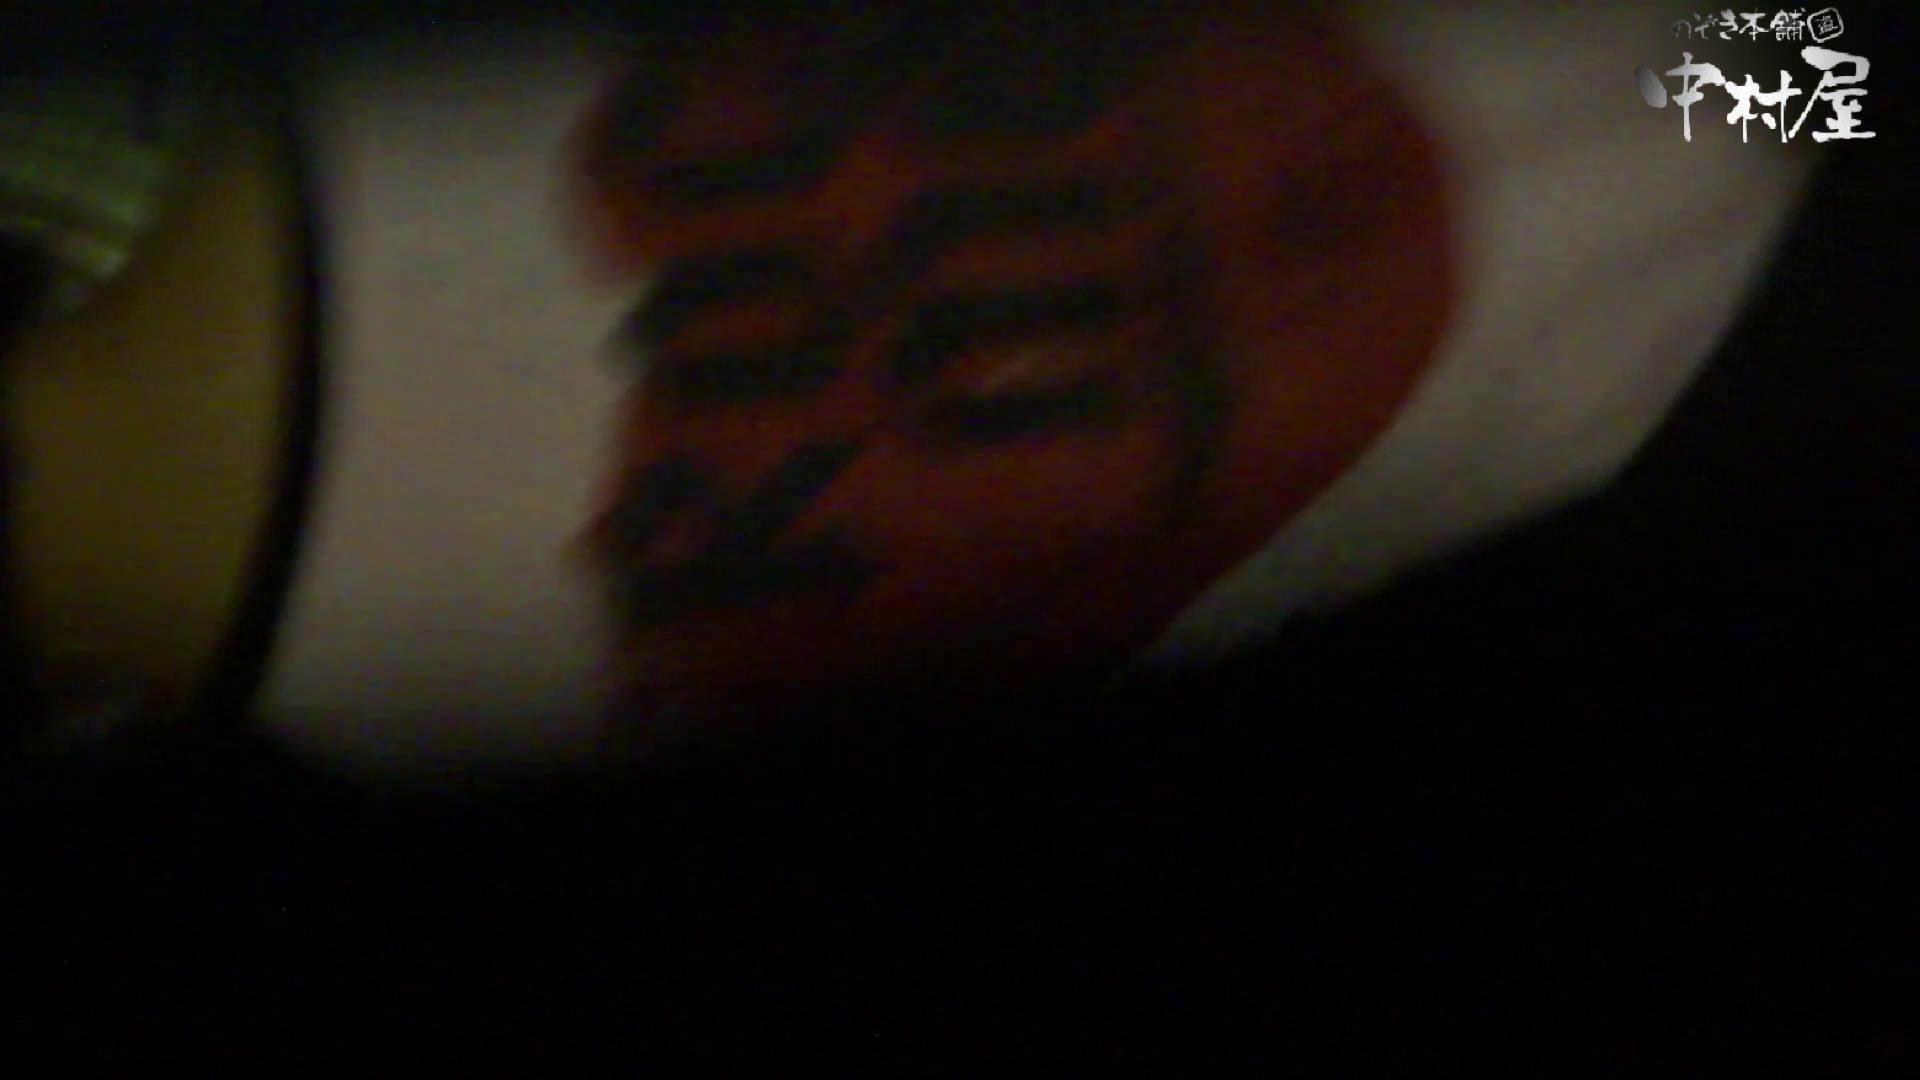 【美人が集まるファッションショッピングセンター洗面所盗SATU】ギャルのツルピカ潜入盗satu!Vol.09 潜入 | 高画質  88PIX 5